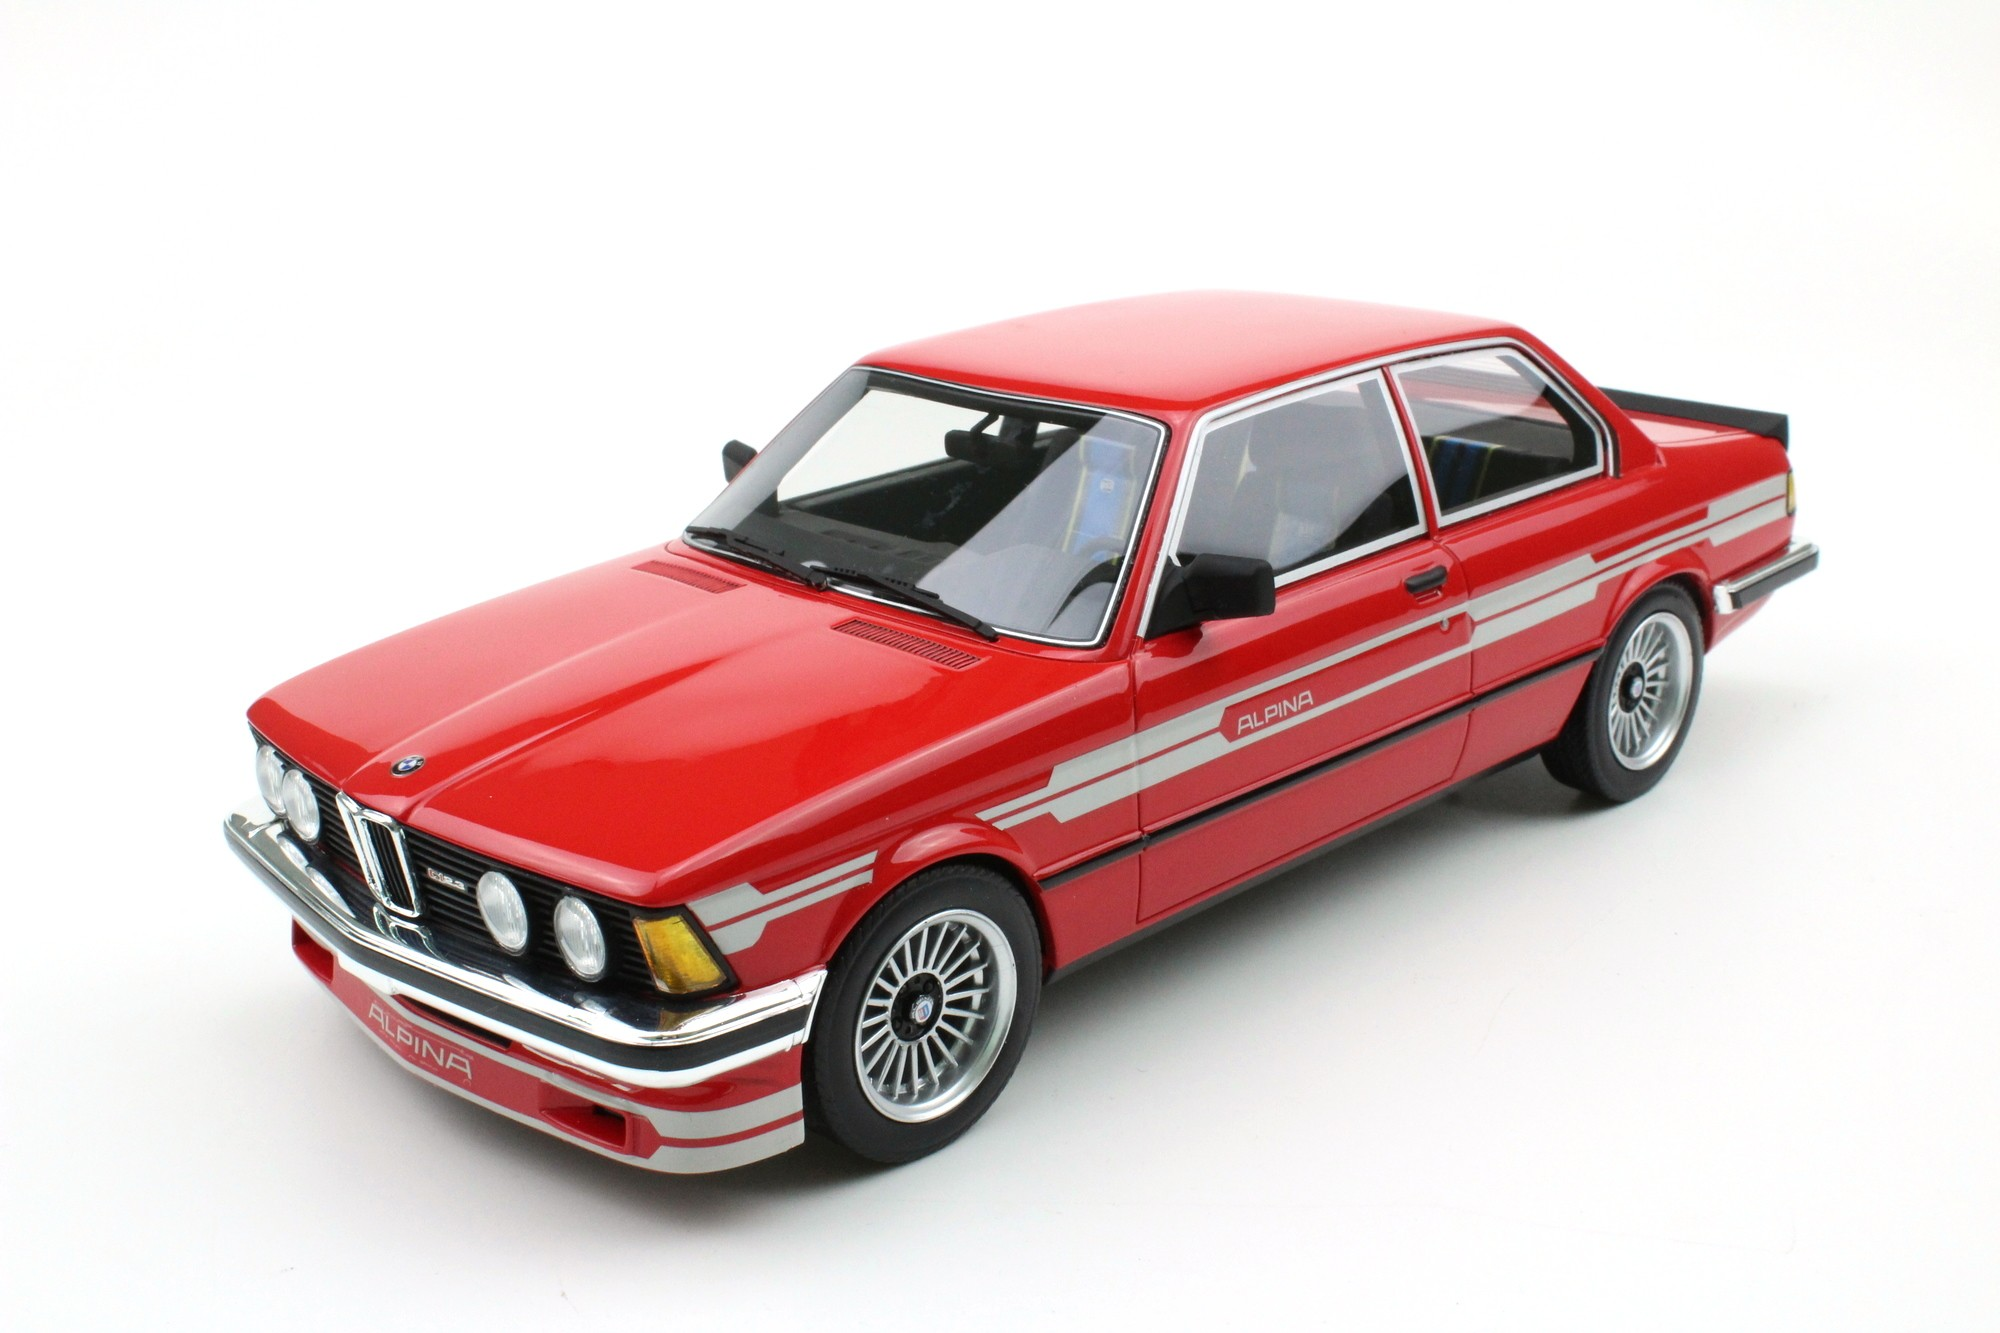 bmw-323-alpina-red-with-white-stripes-01-web.jpg